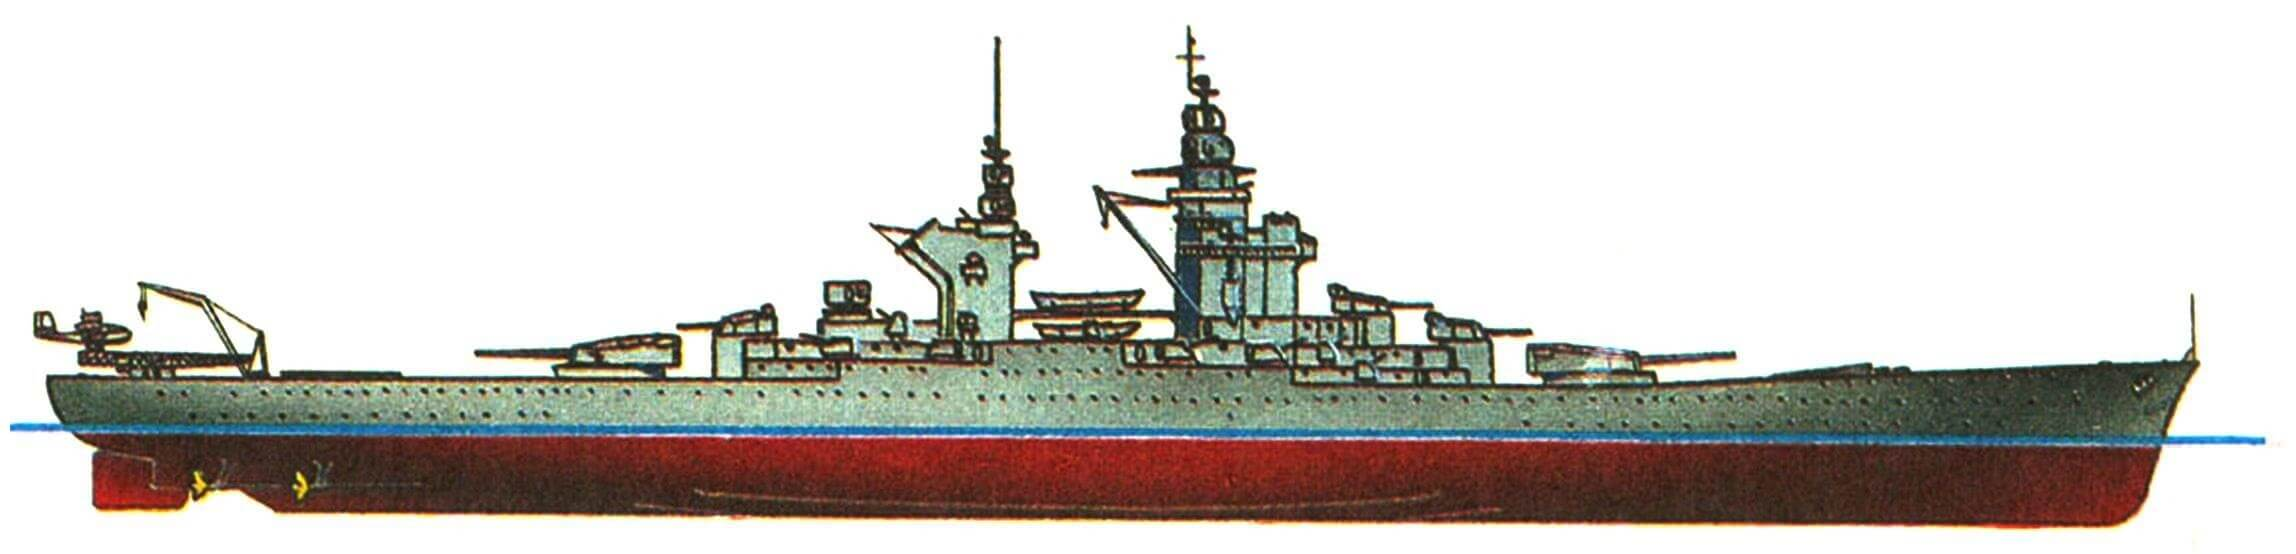 225. Линейный корабль «ГАСКОНЬ», Франция (проект).